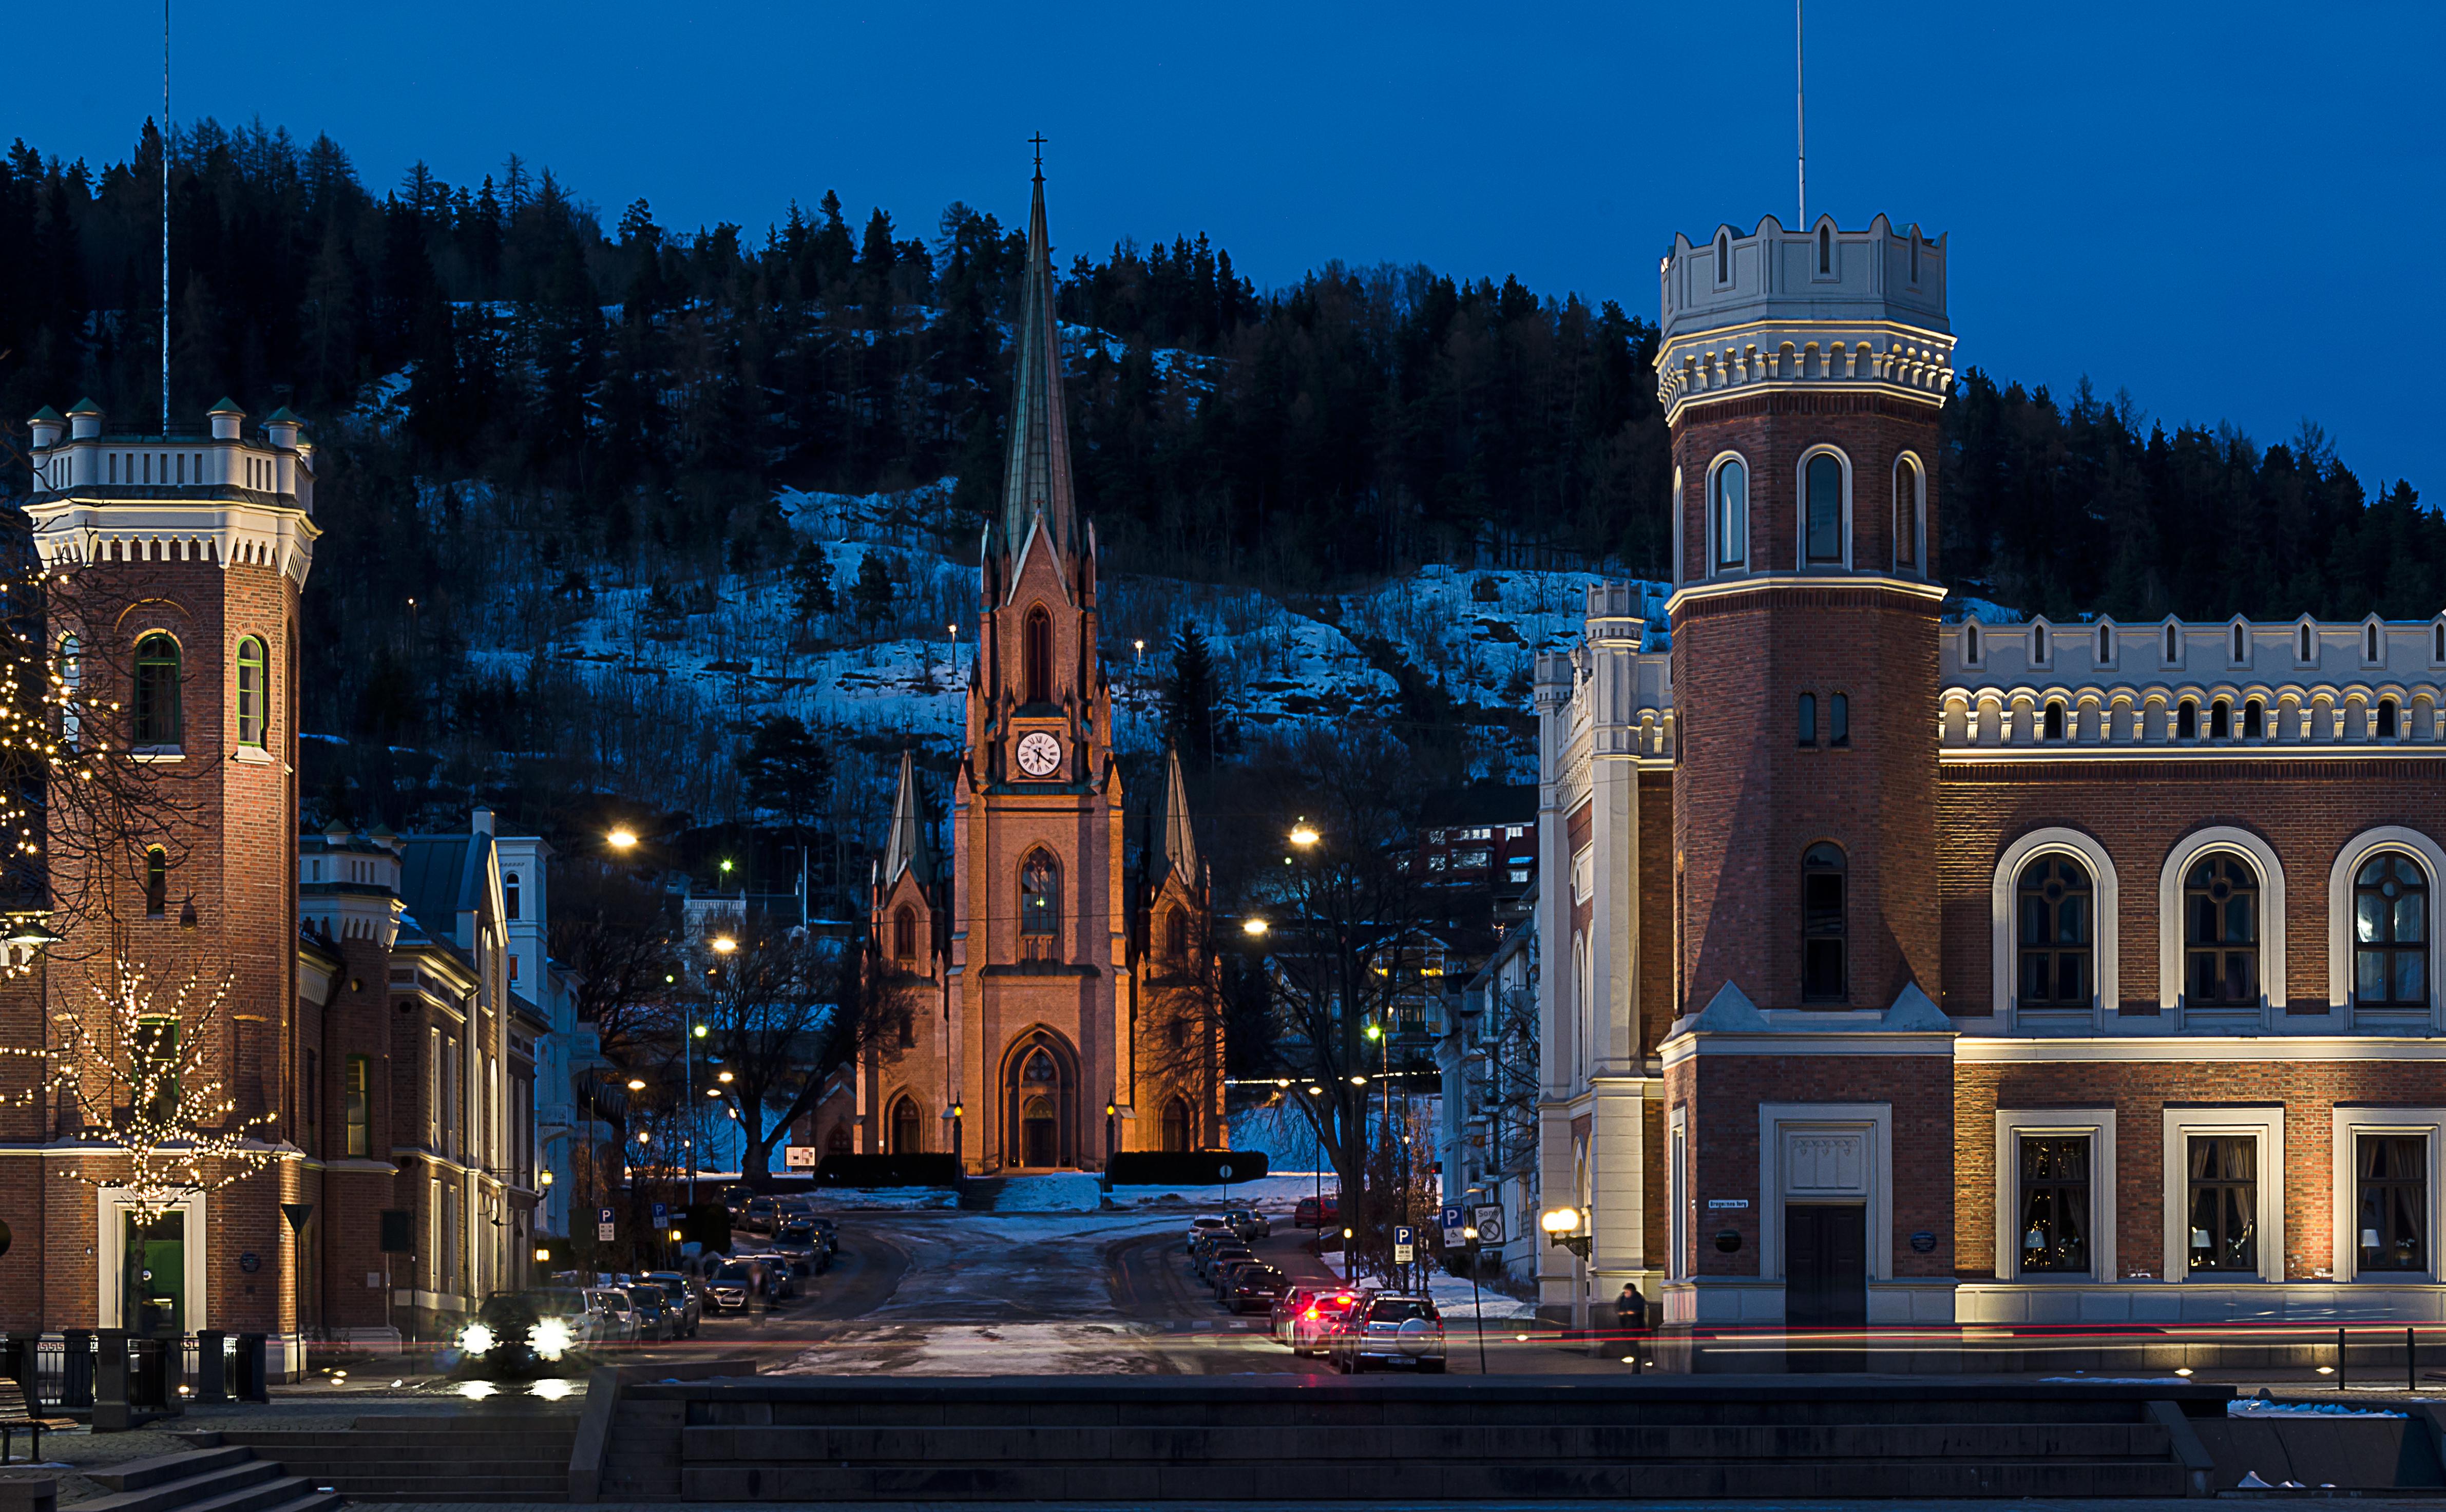 Bragernes kirke, Norway